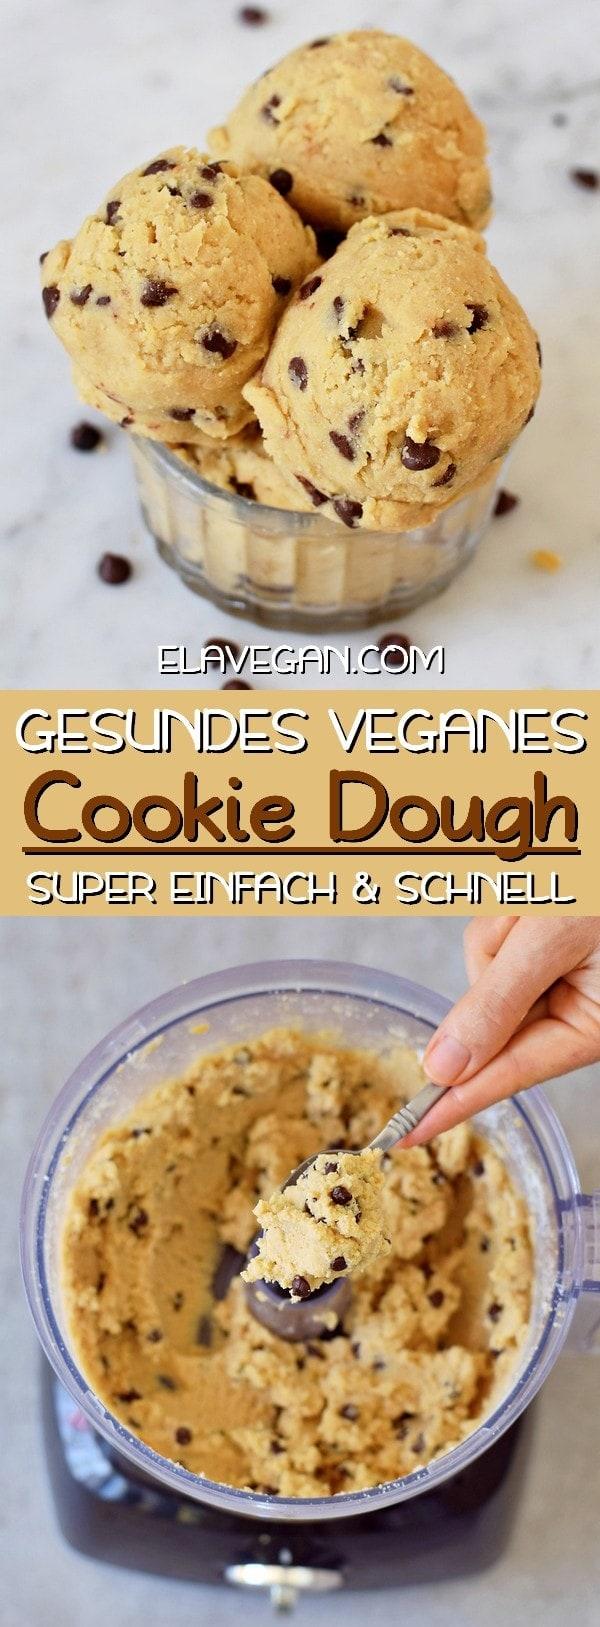 Veganes Cookie Dough Rezept mit Schokochips! Schnell, einfach und gesund ist dieser Keksteig zubereitet!